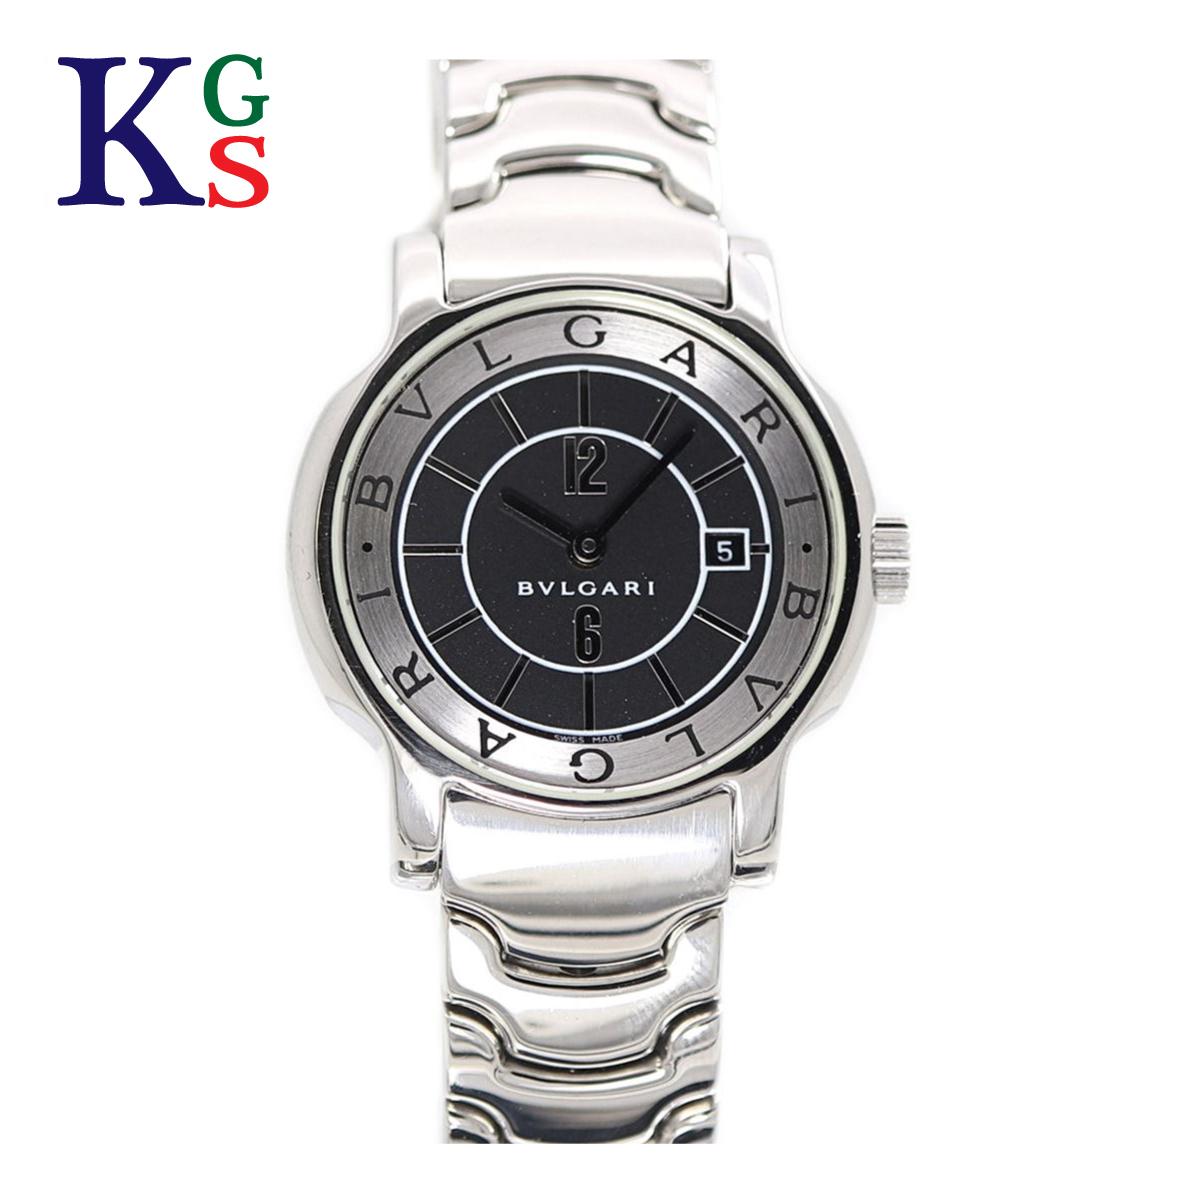 【ギフト品質】ブルガリ/BVLGARI レディース 腕時計 ソロテンポ 黒文字盤 シルバーインデックス ステンレススチール クオーツ ST29S